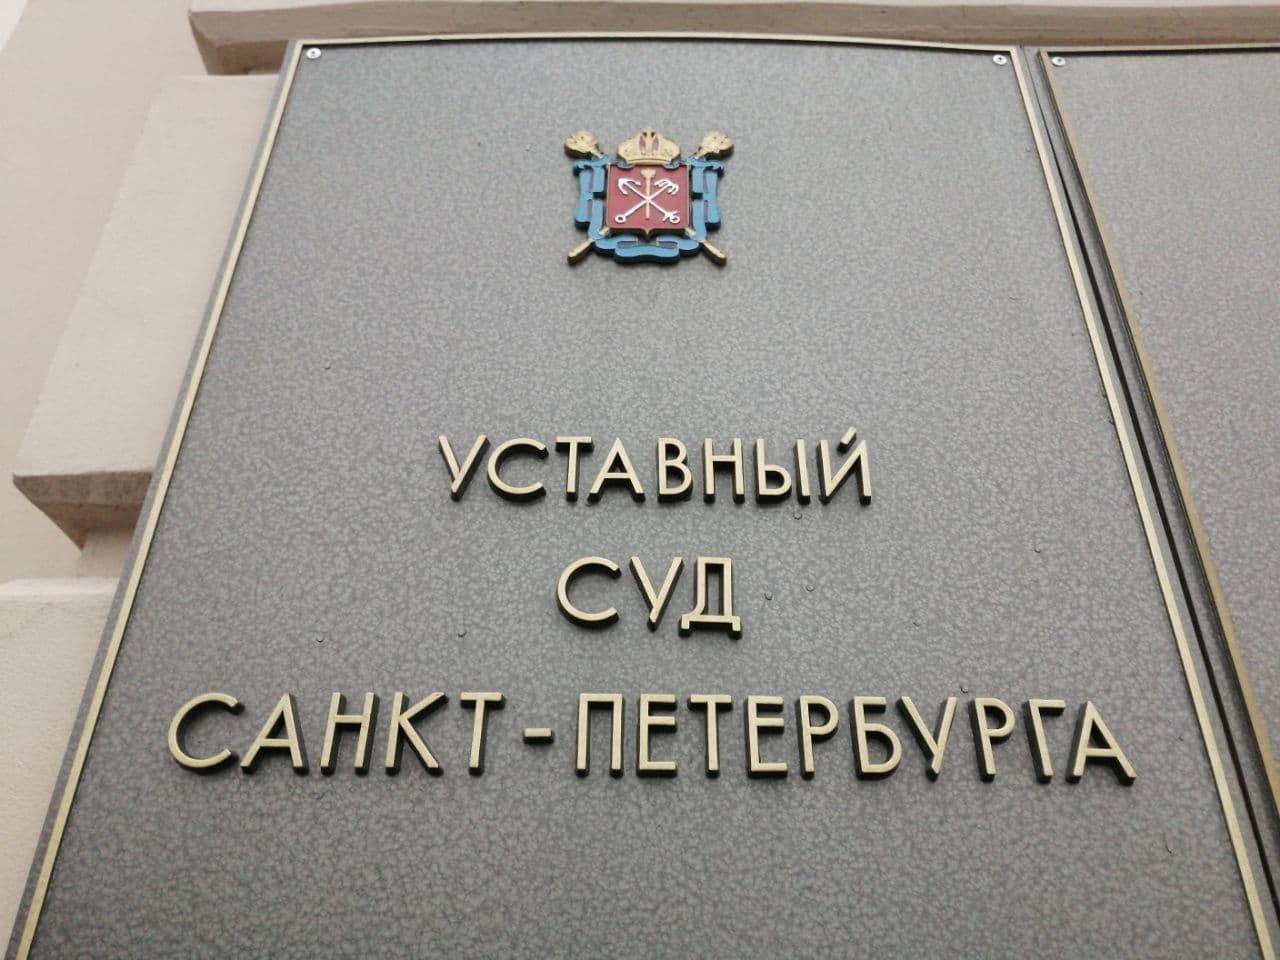 фото ЗакС политика ЗакС в первом чтении принял законопроект об упразднении Уставного суда